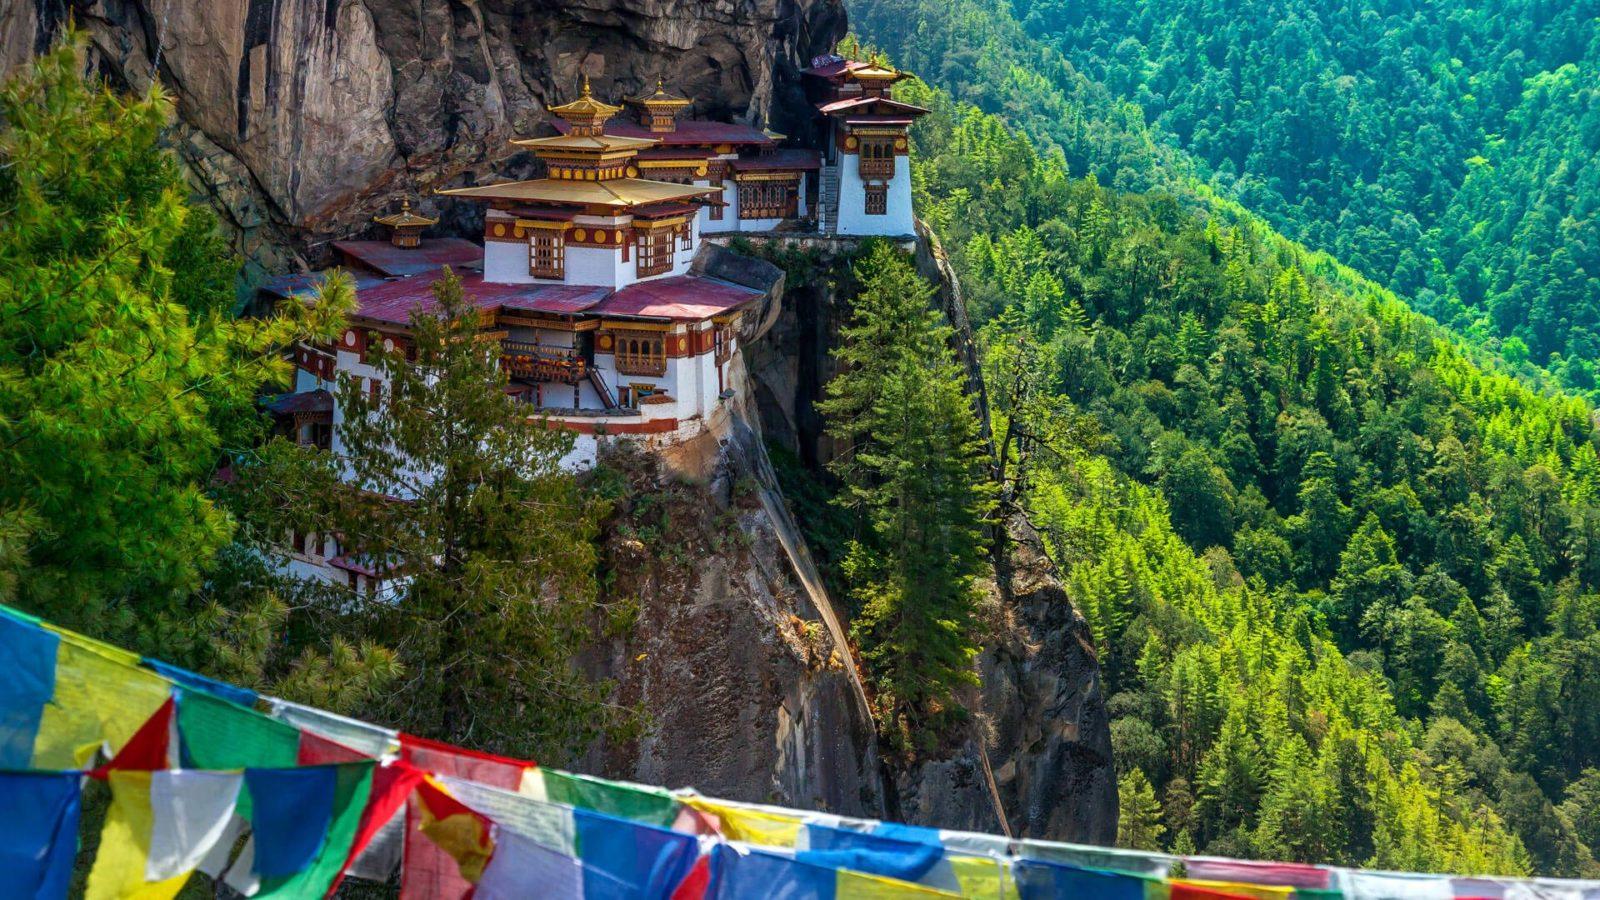 Tigers-Nest-Bhutan-1600x900 Tour al Nido del Tigre en Bután